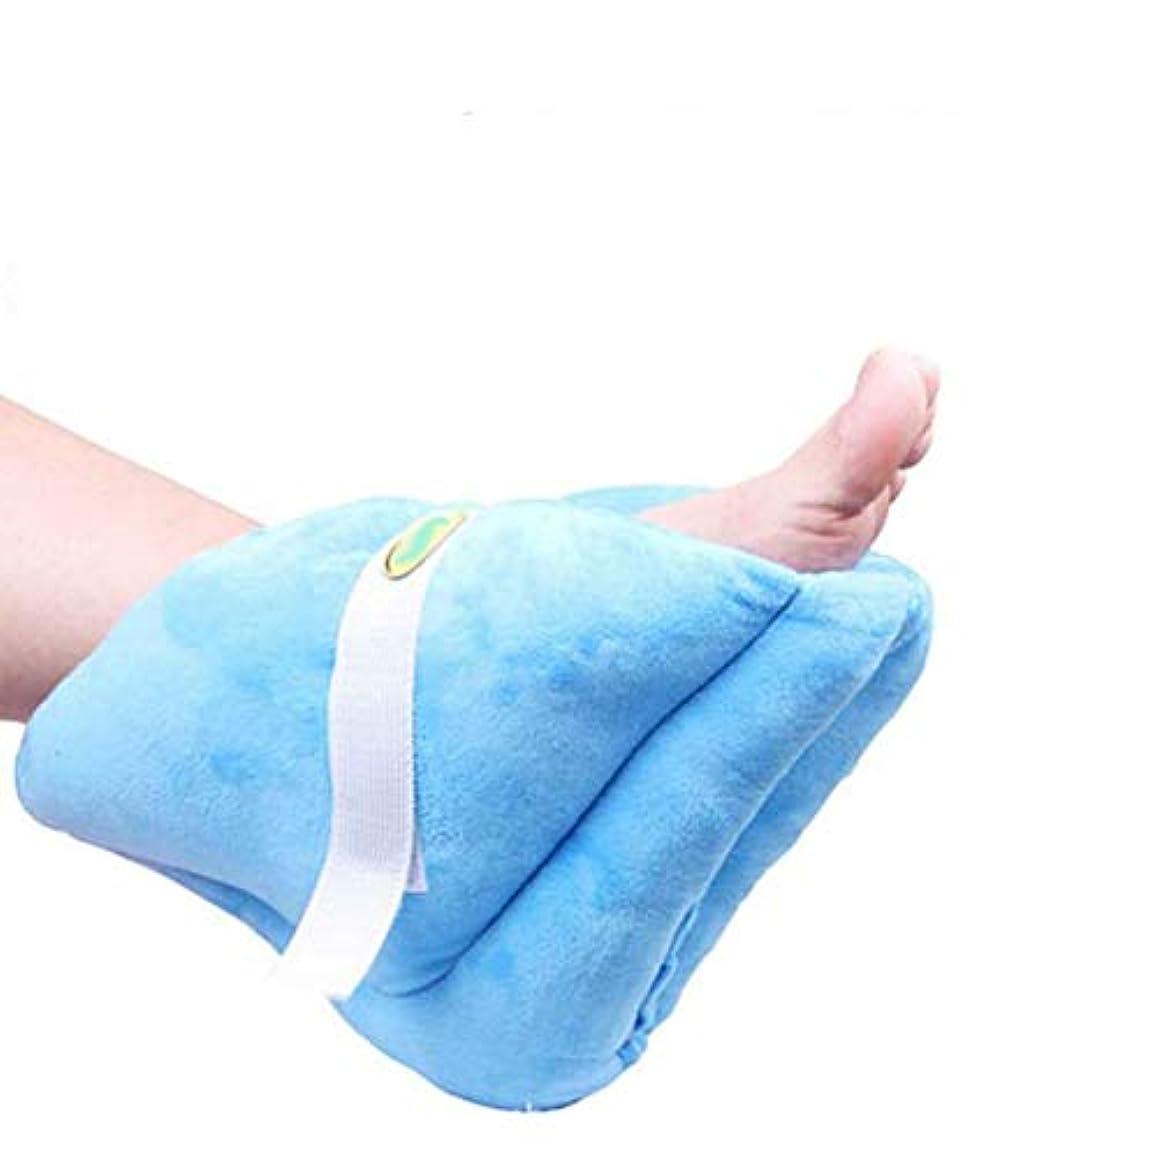 指導する帝国主義ディーラーヒールクッションプロテクター - 足と足首の枕 - ヒール保護ガード - 足、肘、かかと - ベッド&褥瘡を保護します,1pc